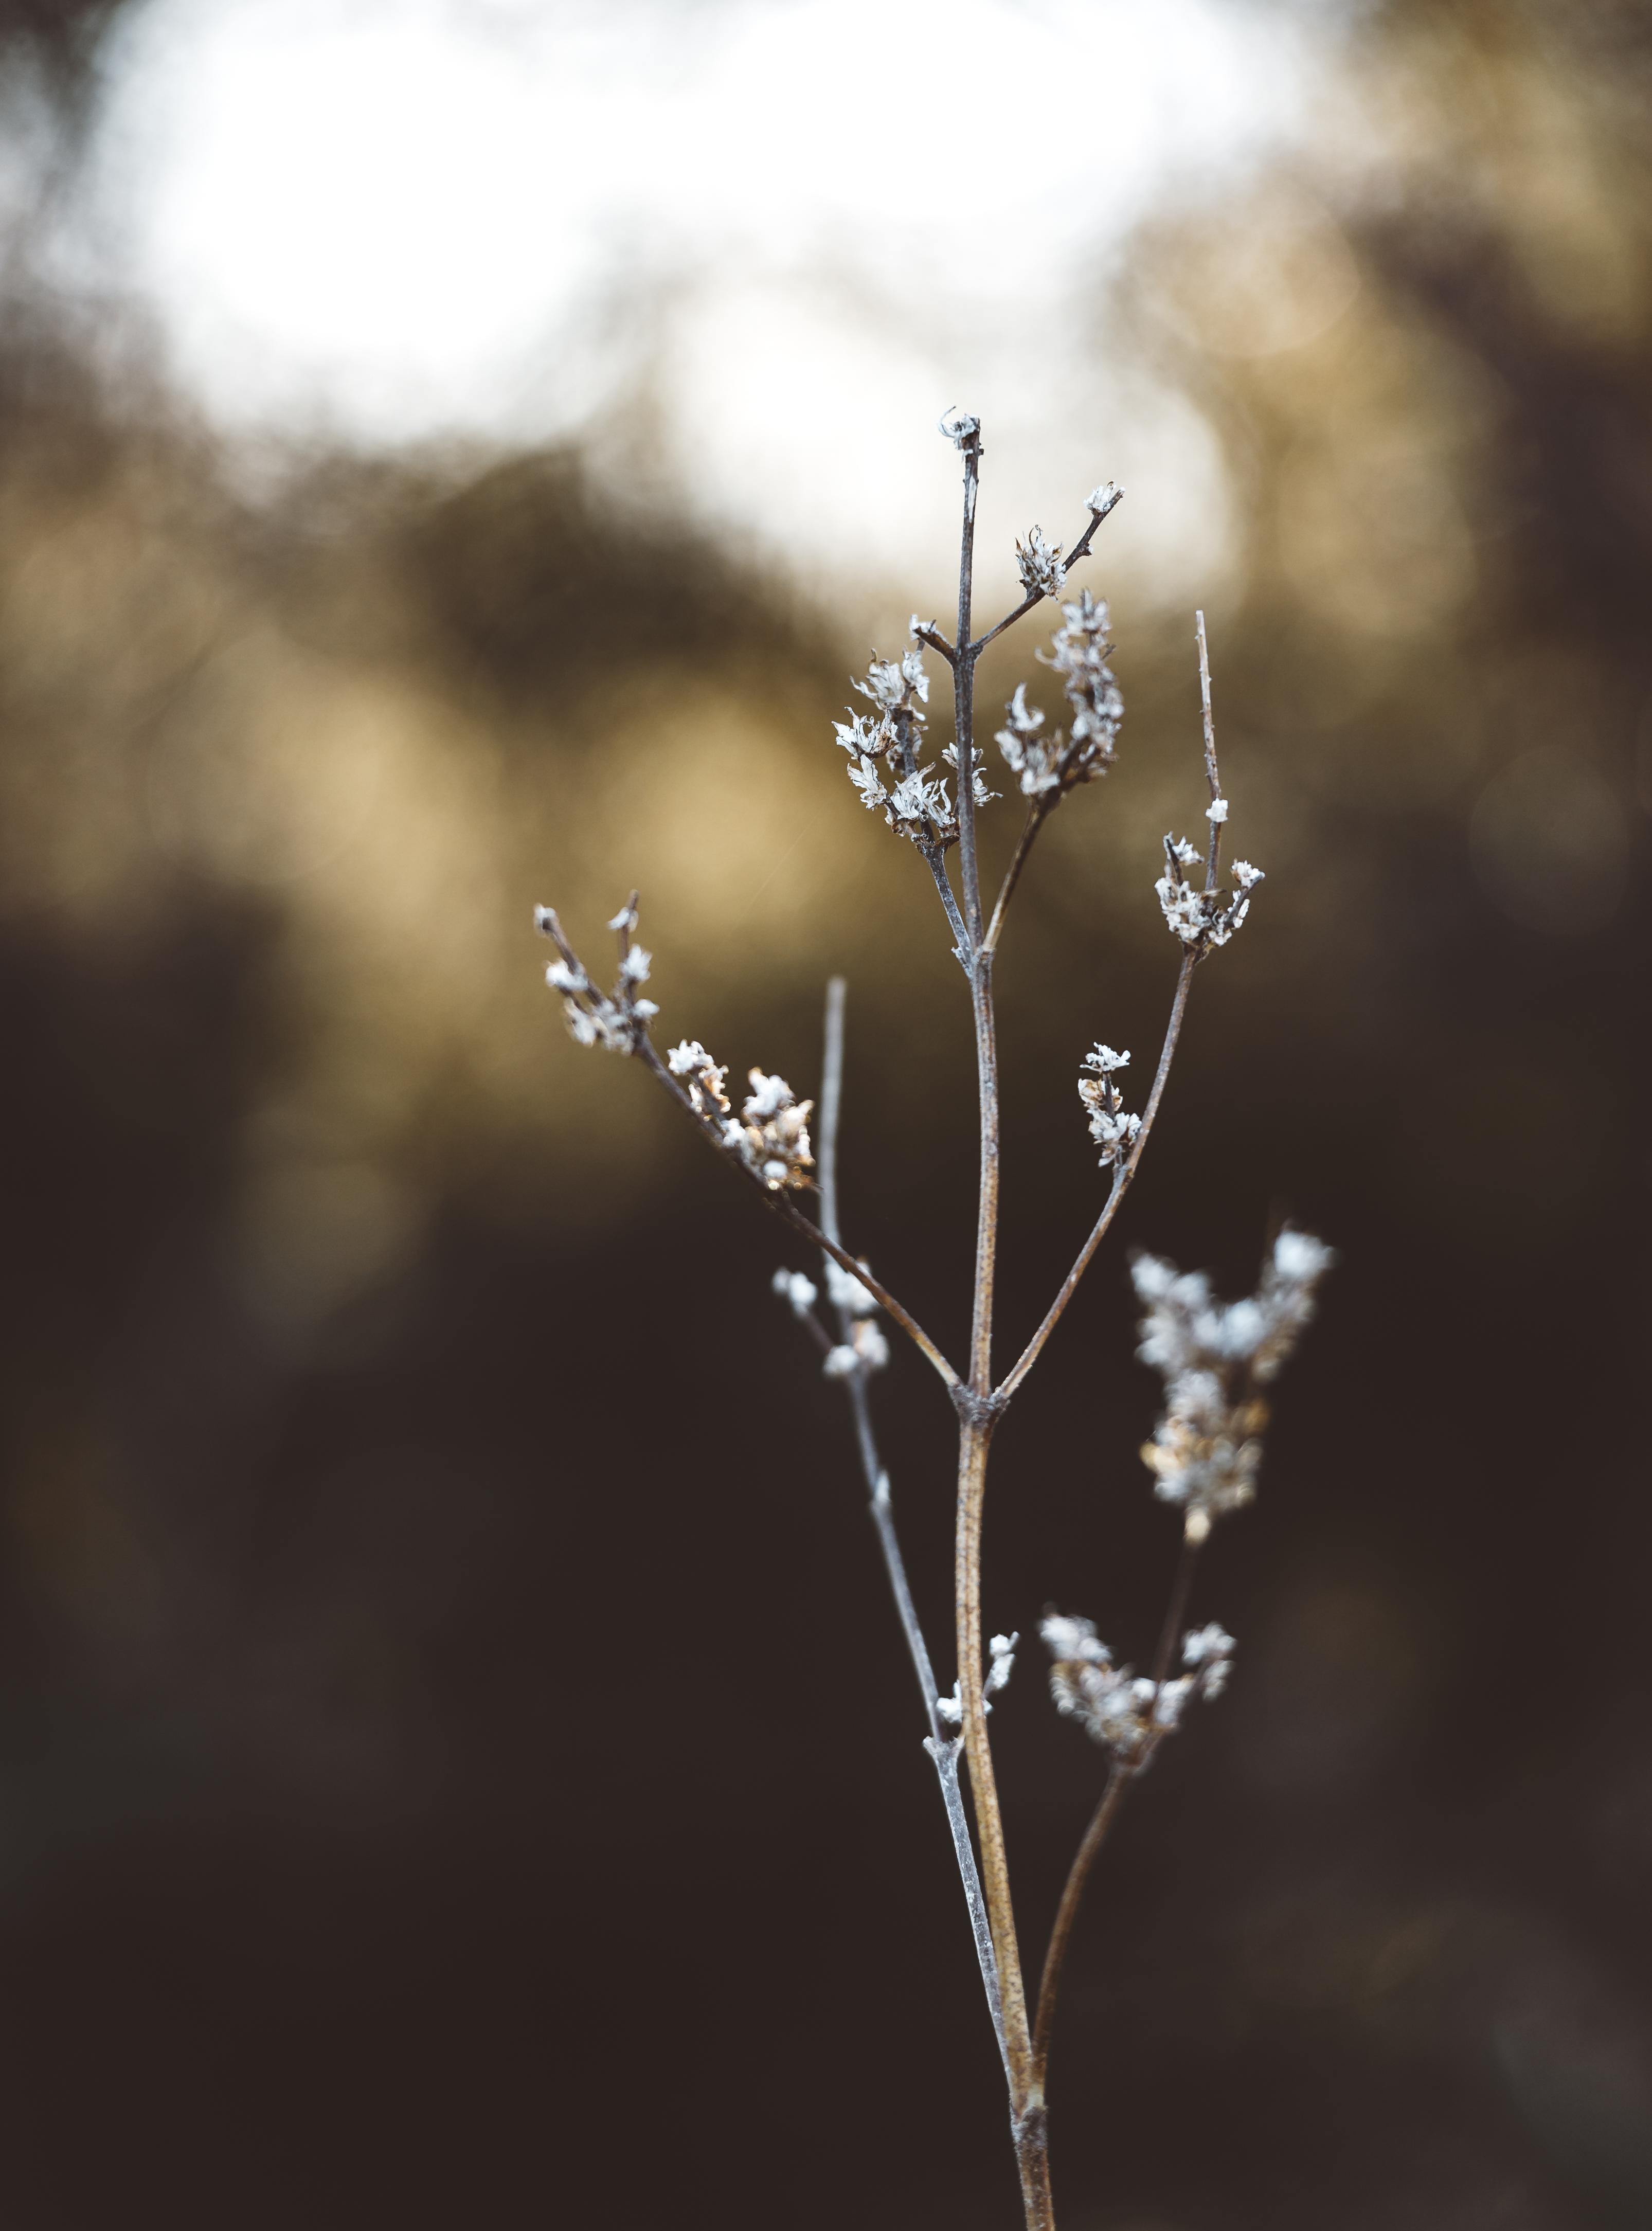 Plant still life